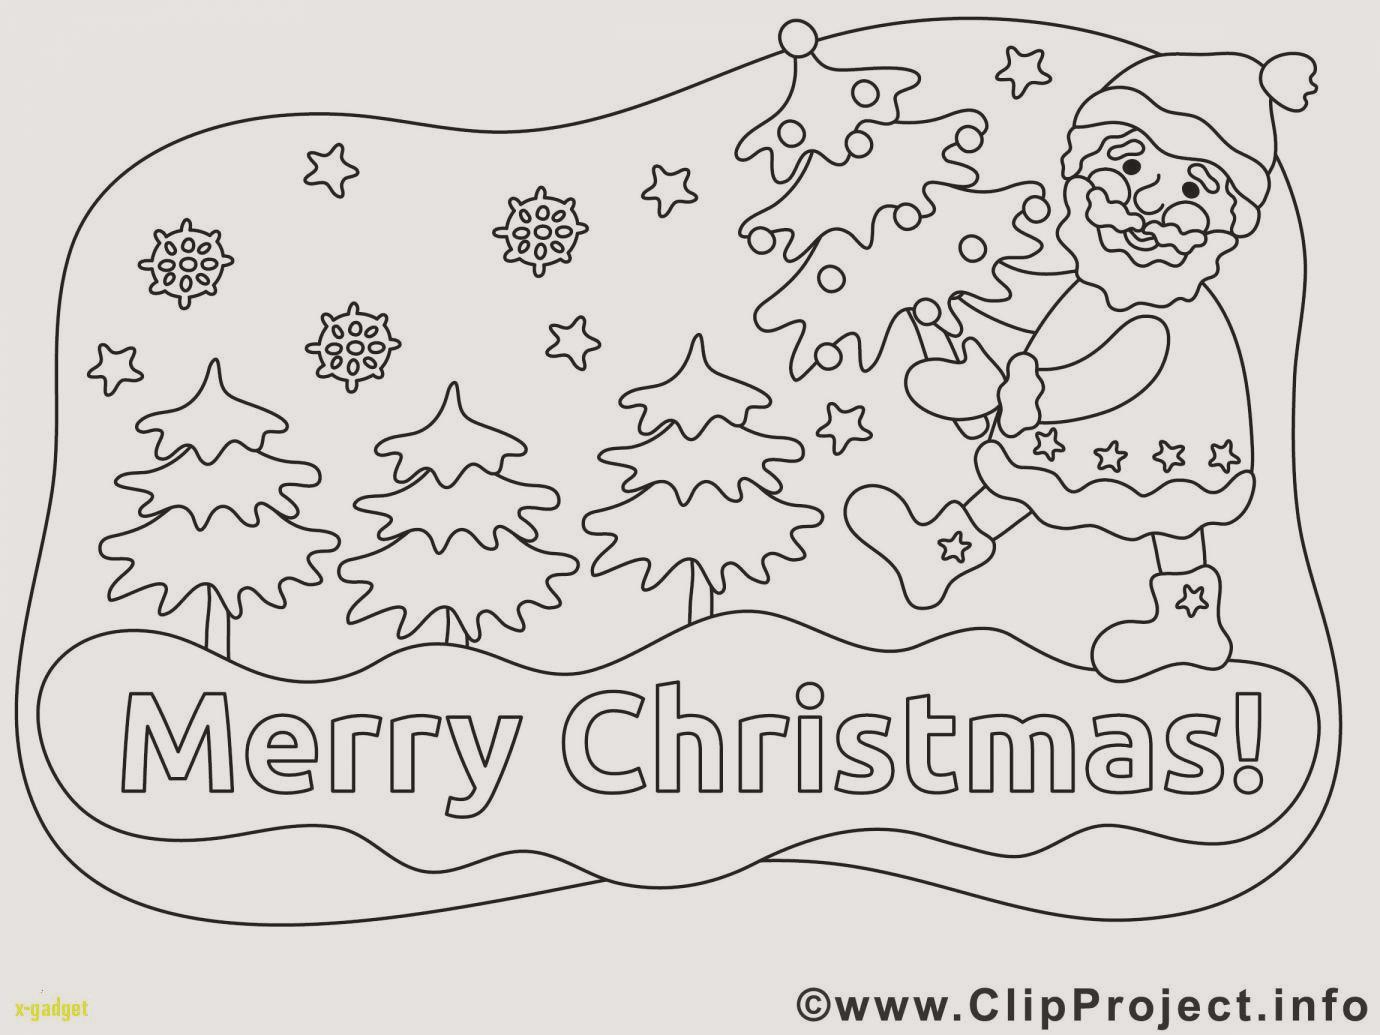 Ausmalbilder Weihnachten Merry Christmas Frisch 30 Frisch Ausmalbilder Weihnachten Geschenke Ausdrucken Stock